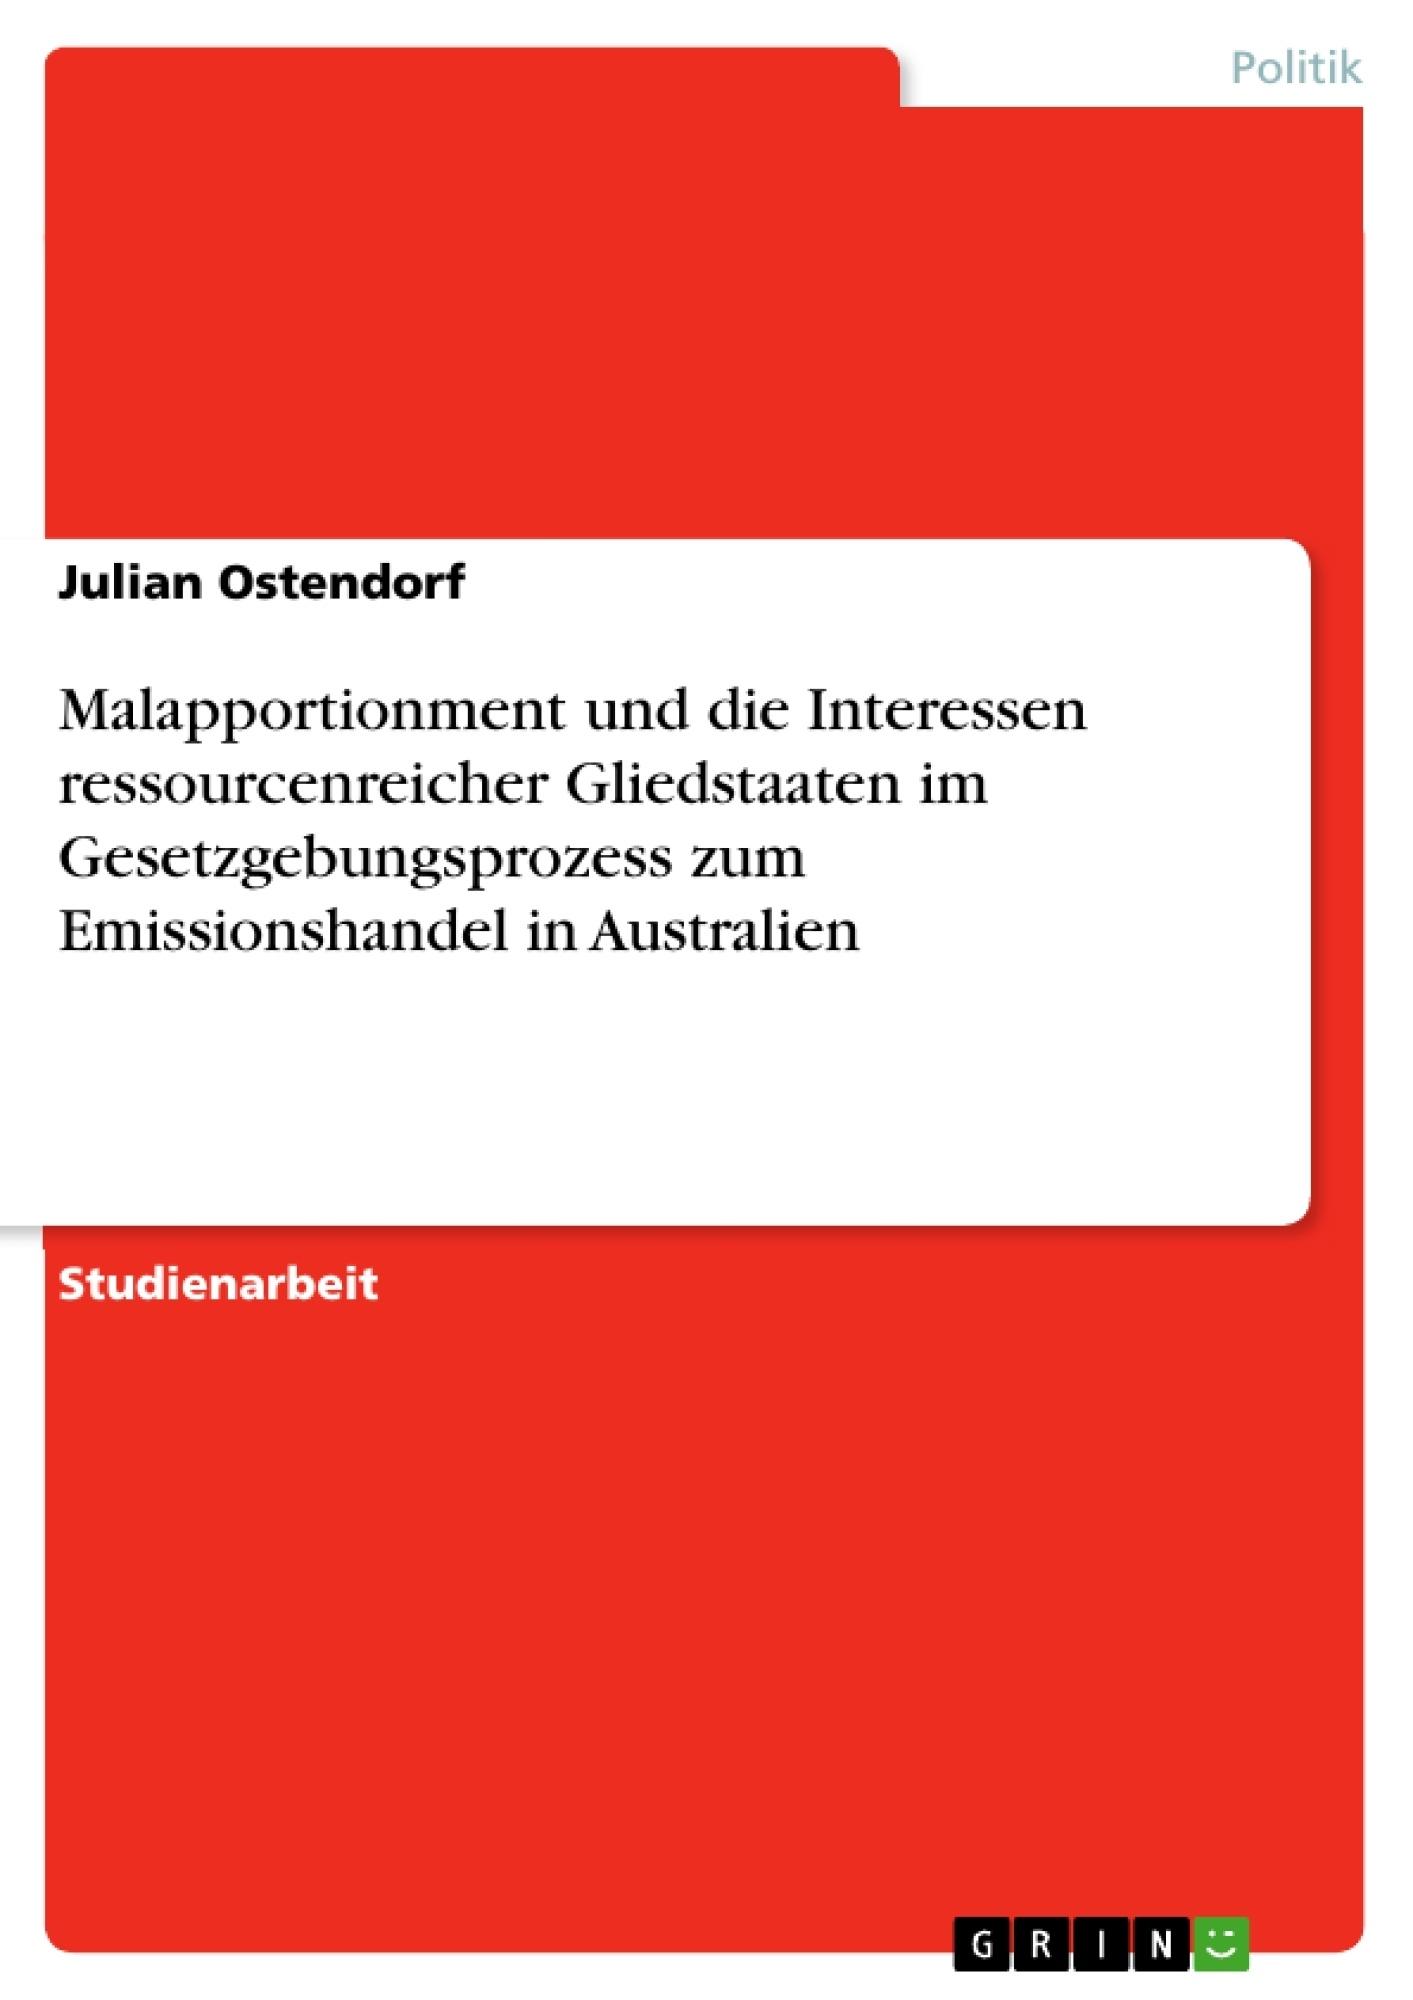 Titel: Malapportionment und die Interessen ressourcenreicher Gliedstaaten im Gesetzgebungsprozess zum Emissionshandel in Australien